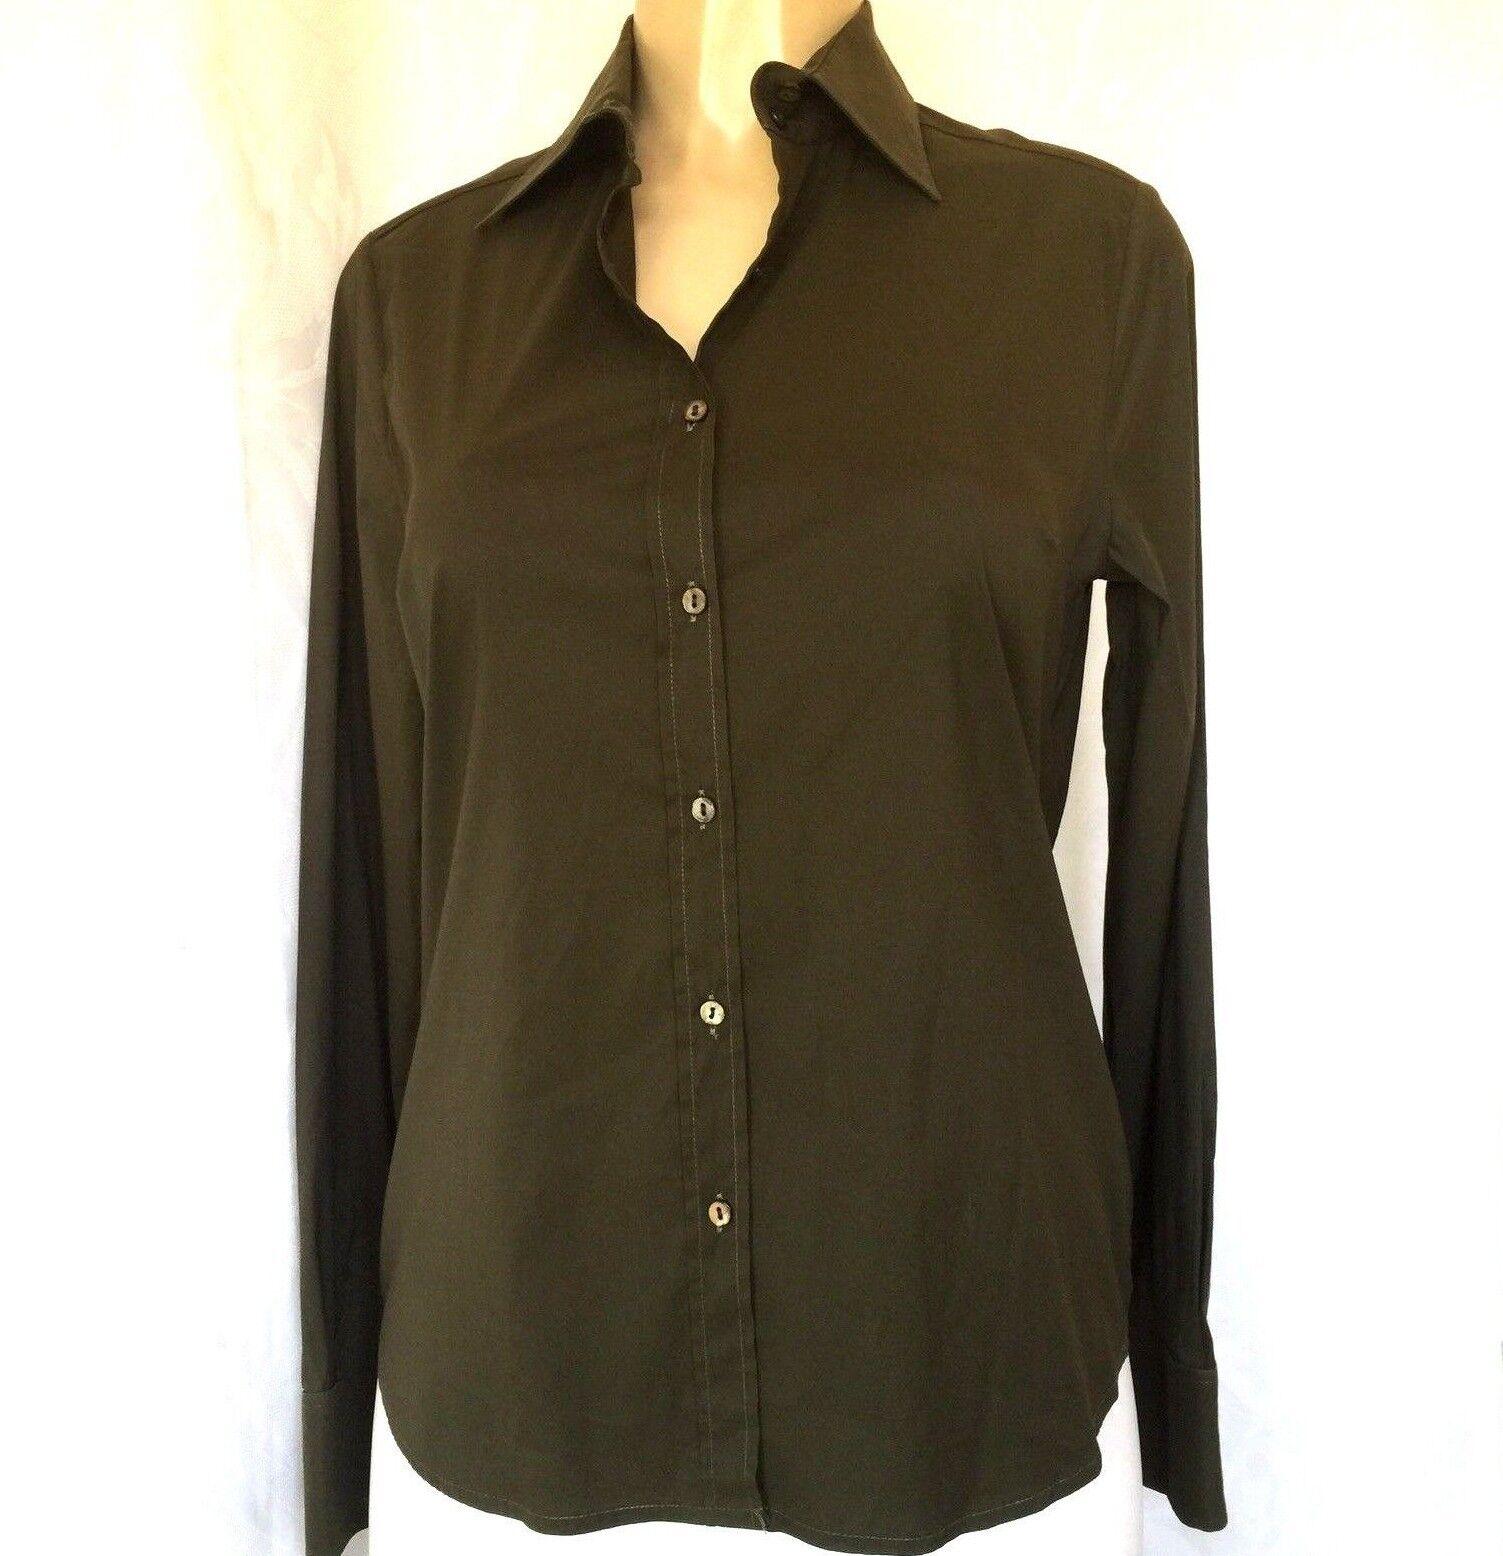 Paul & Joe Classic Shirt damen Forest Grün Stretch Cotton Long Sleeve France 3